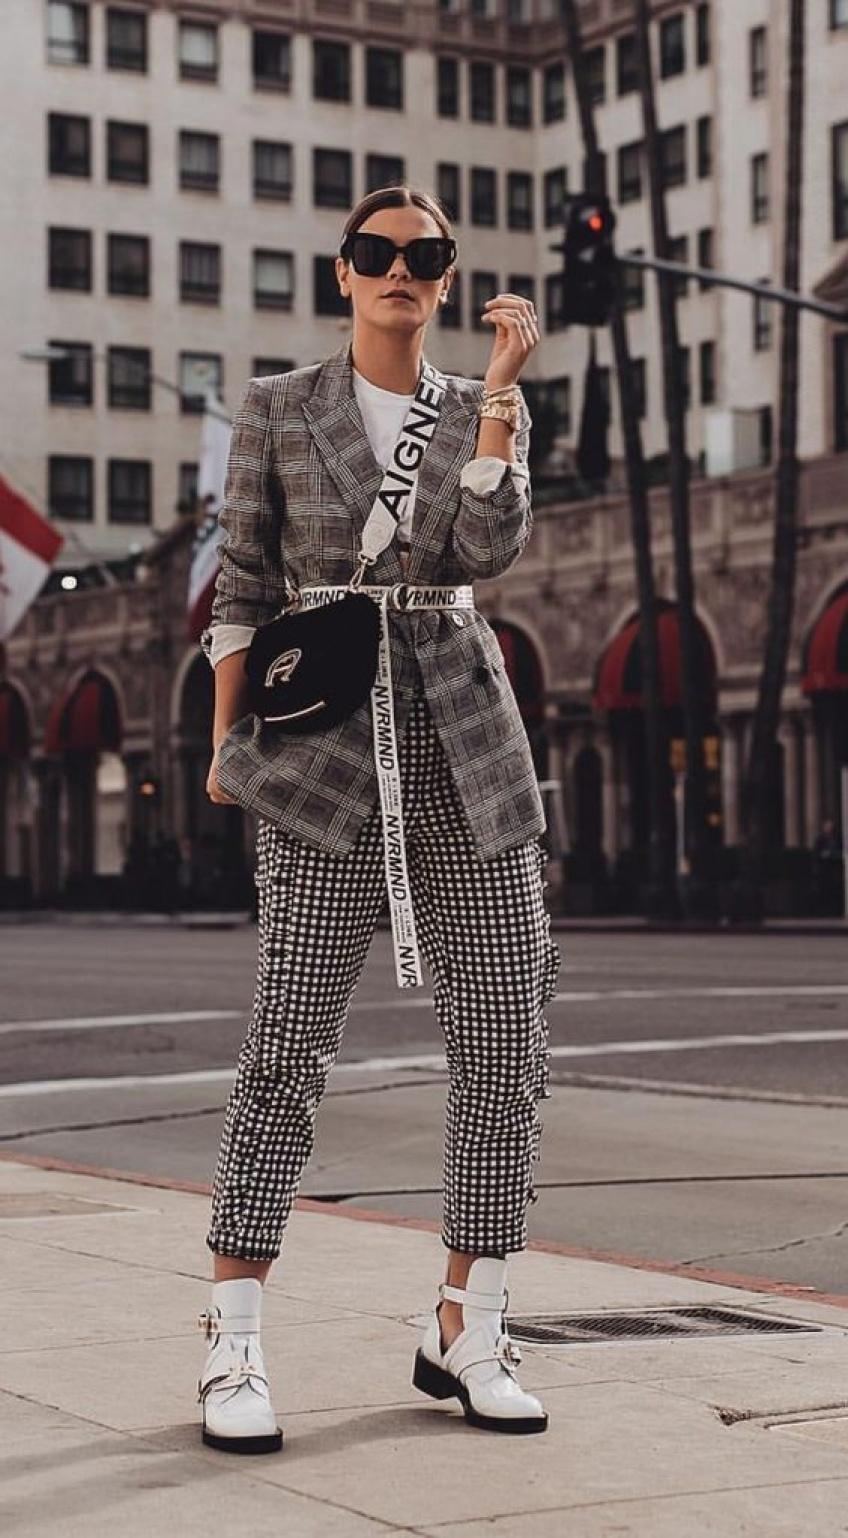 #SOLDES: 30 sublimes blazers pour être chic et classe en toutes circonstances!